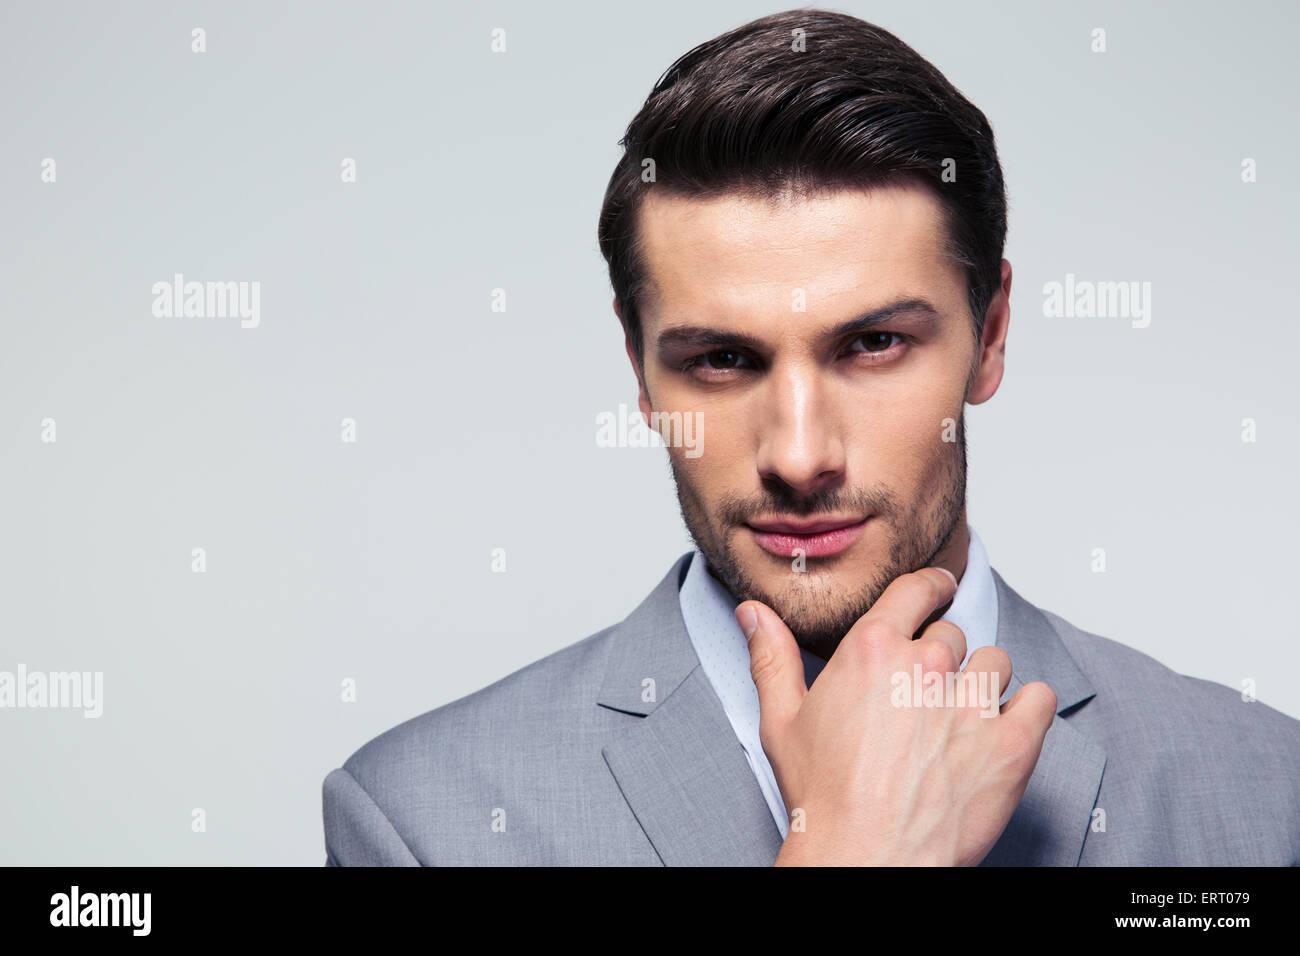 Porträt eines durchdachten Geschäftsmann berühren sein Kinn über grauen Hintergrund Stockfoto